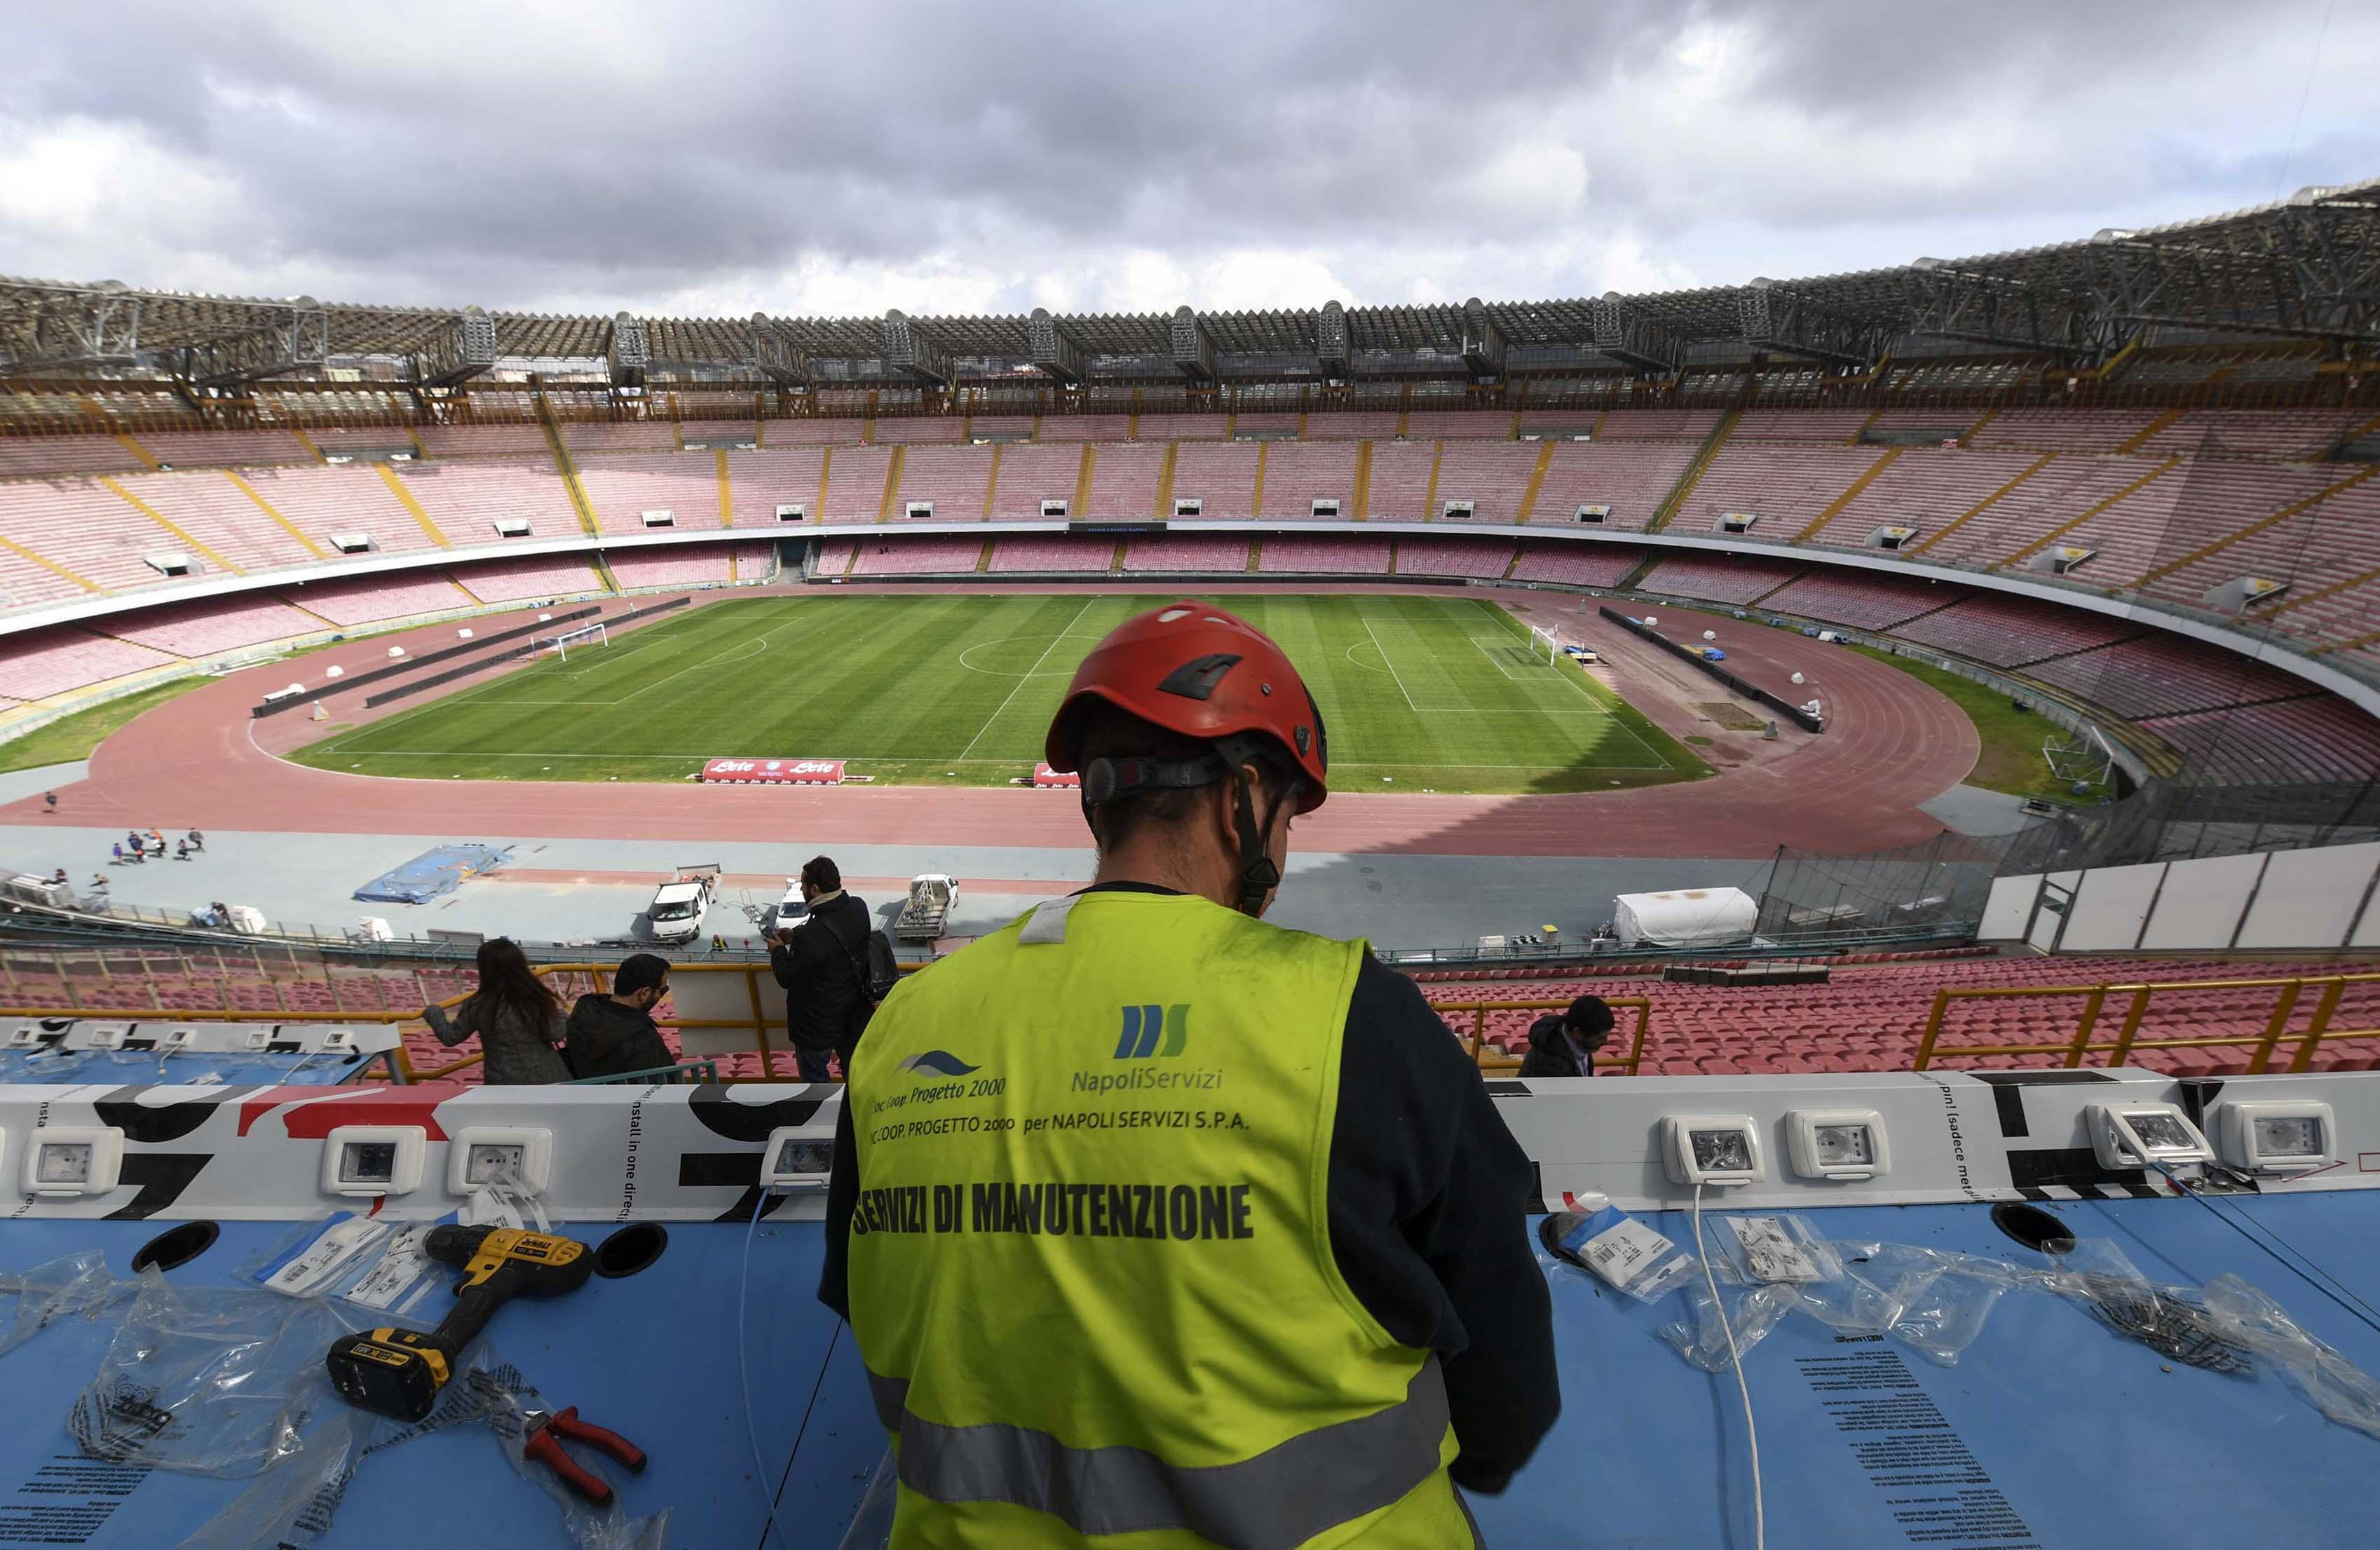 San Paolo, rischio settori chiusi per l'inizio della stagione. Auricchio: «Alternativa è il servizio a tariffa»